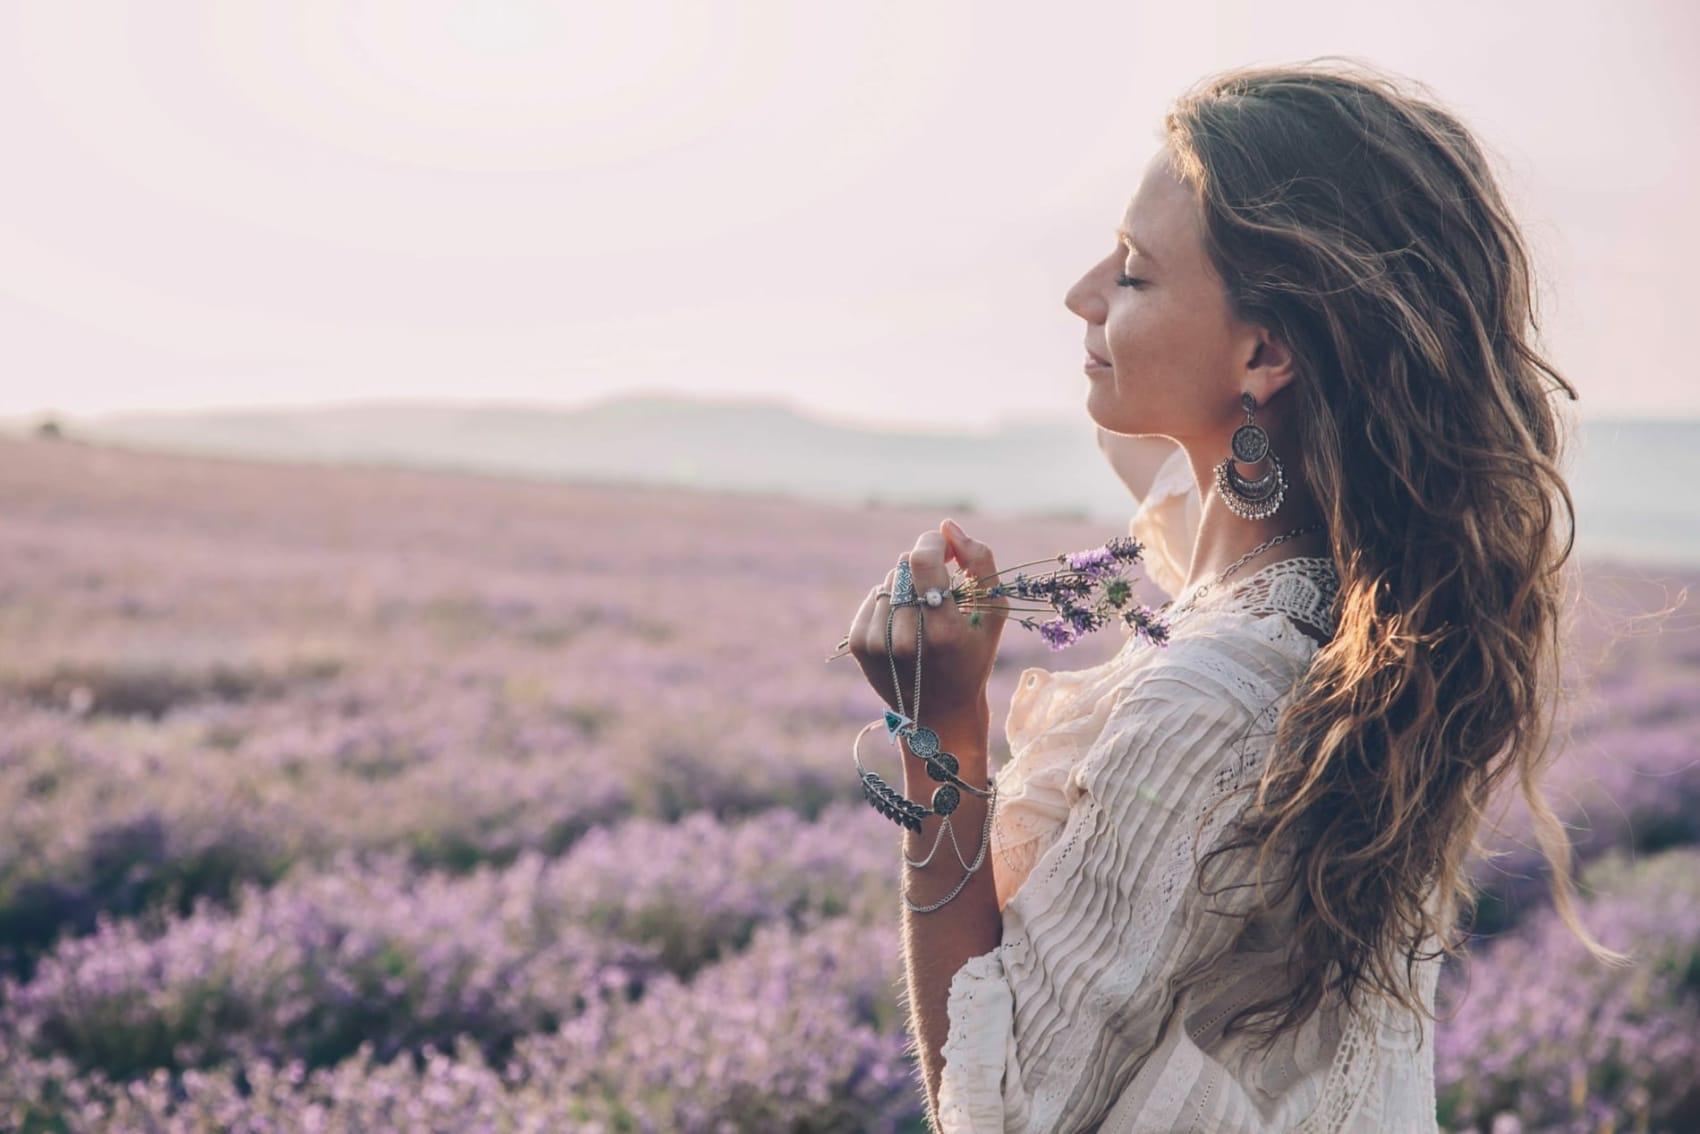 Frau steht in einer Blumenwiese und fühlt sich gut